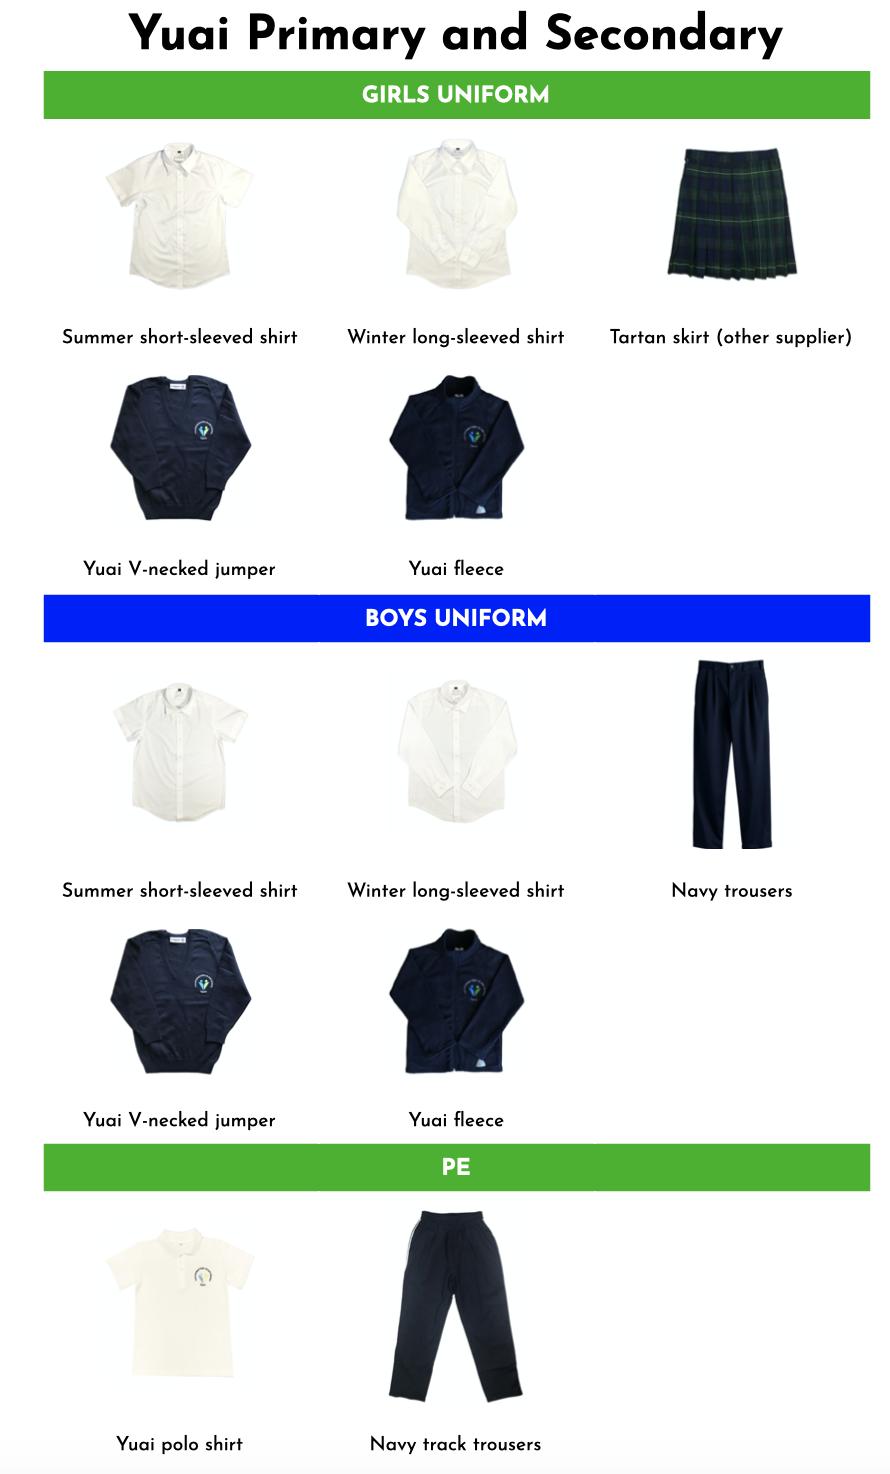 yuai-uniform-guide-2020-new-2.png